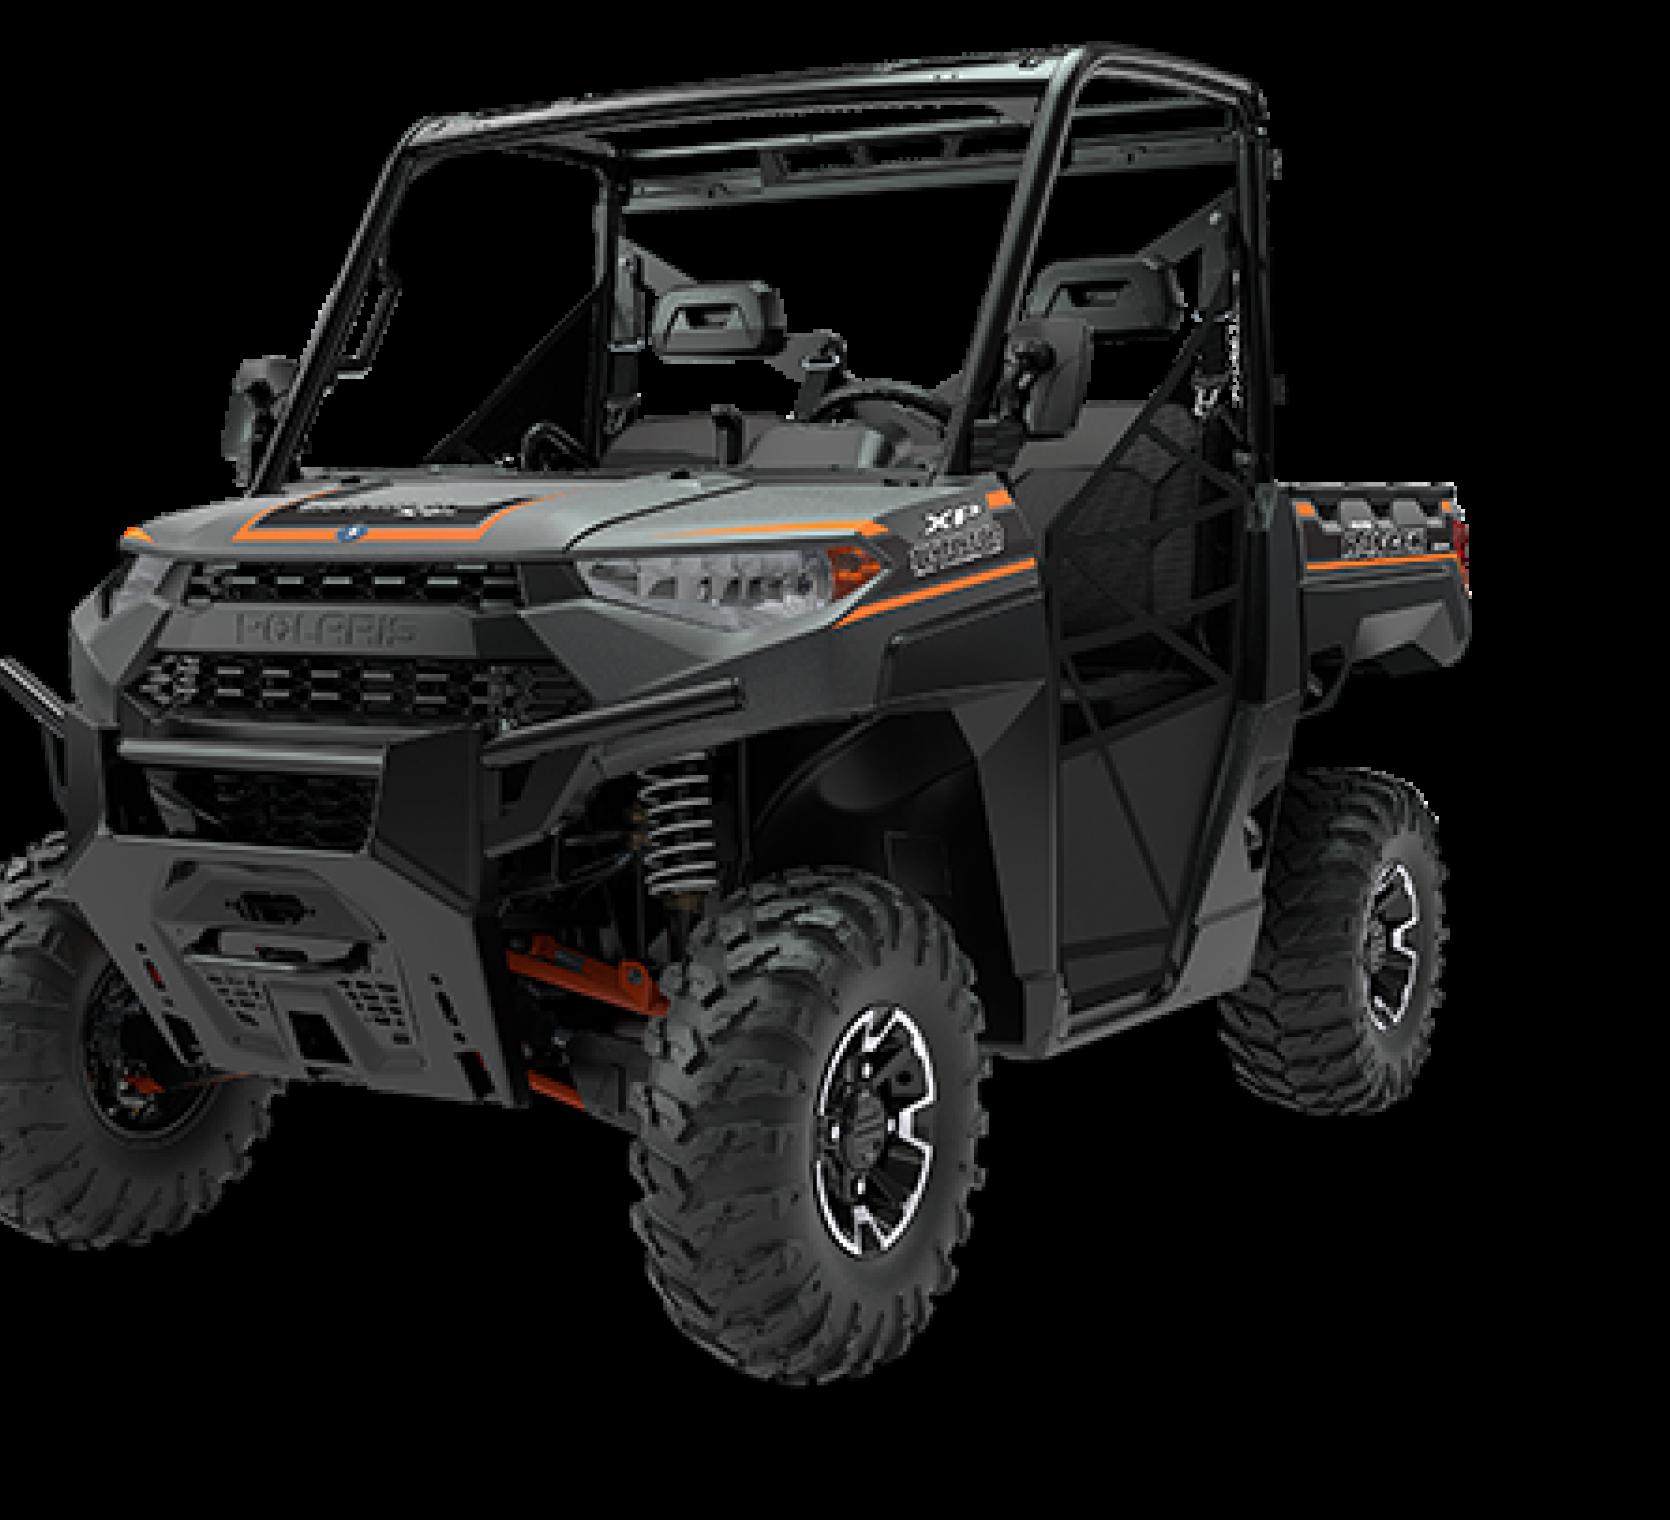 Ciągnik rolniczy Polaris seria Ranger 1000 XP kolor grafitowy Ładowność: 680 kg